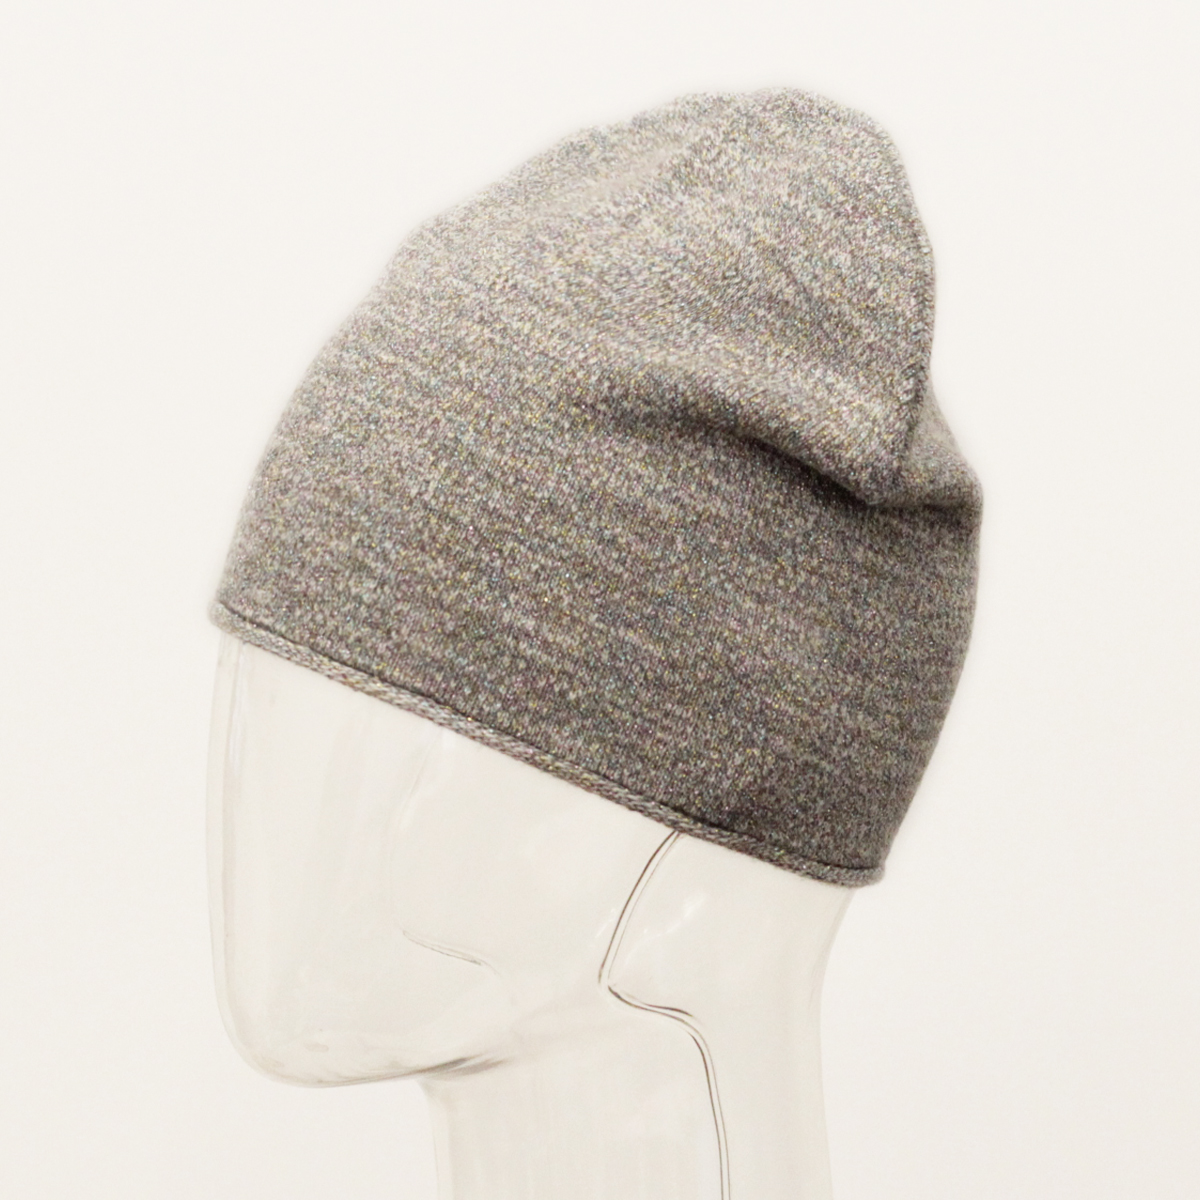 Шапка для девочки Marhatter, цвет: серый. MFH8233. Размер 55/56MFH8233Стильная подростковая шапка от Marhatter для девочки с макушкой формы лопатка выполнена плотной вязкой из качественного хлопка с добавлением метанита, который придает изделию деликатный блеск. По низу изделия рулик. Легкая модель без утепления - эффектное дополнение к одежде юной модницы.